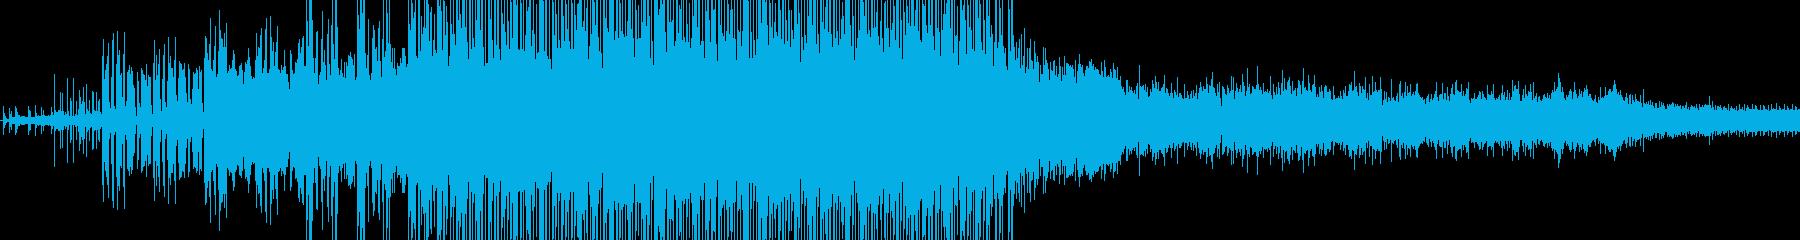 アンビエントミュージック 積極的 ...の再生済みの波形